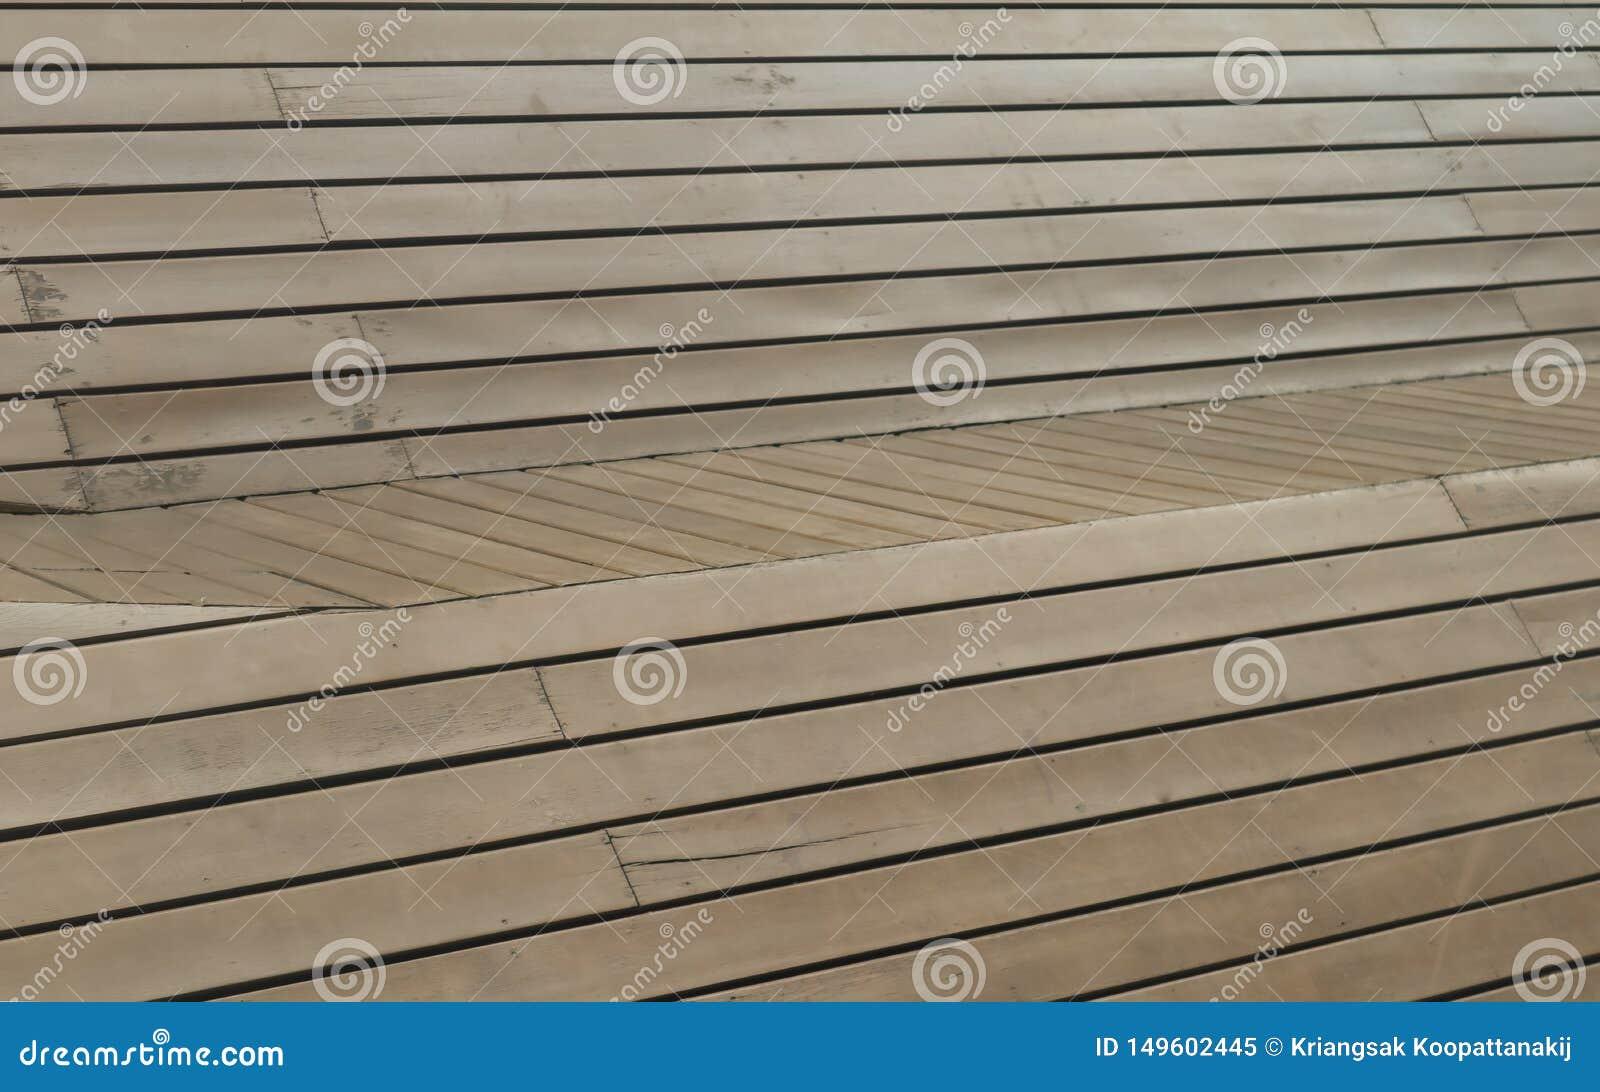 Καφετιά ξύλινη χρήση επιτροπής ως υπόβαθρο ή ταπετσαρία